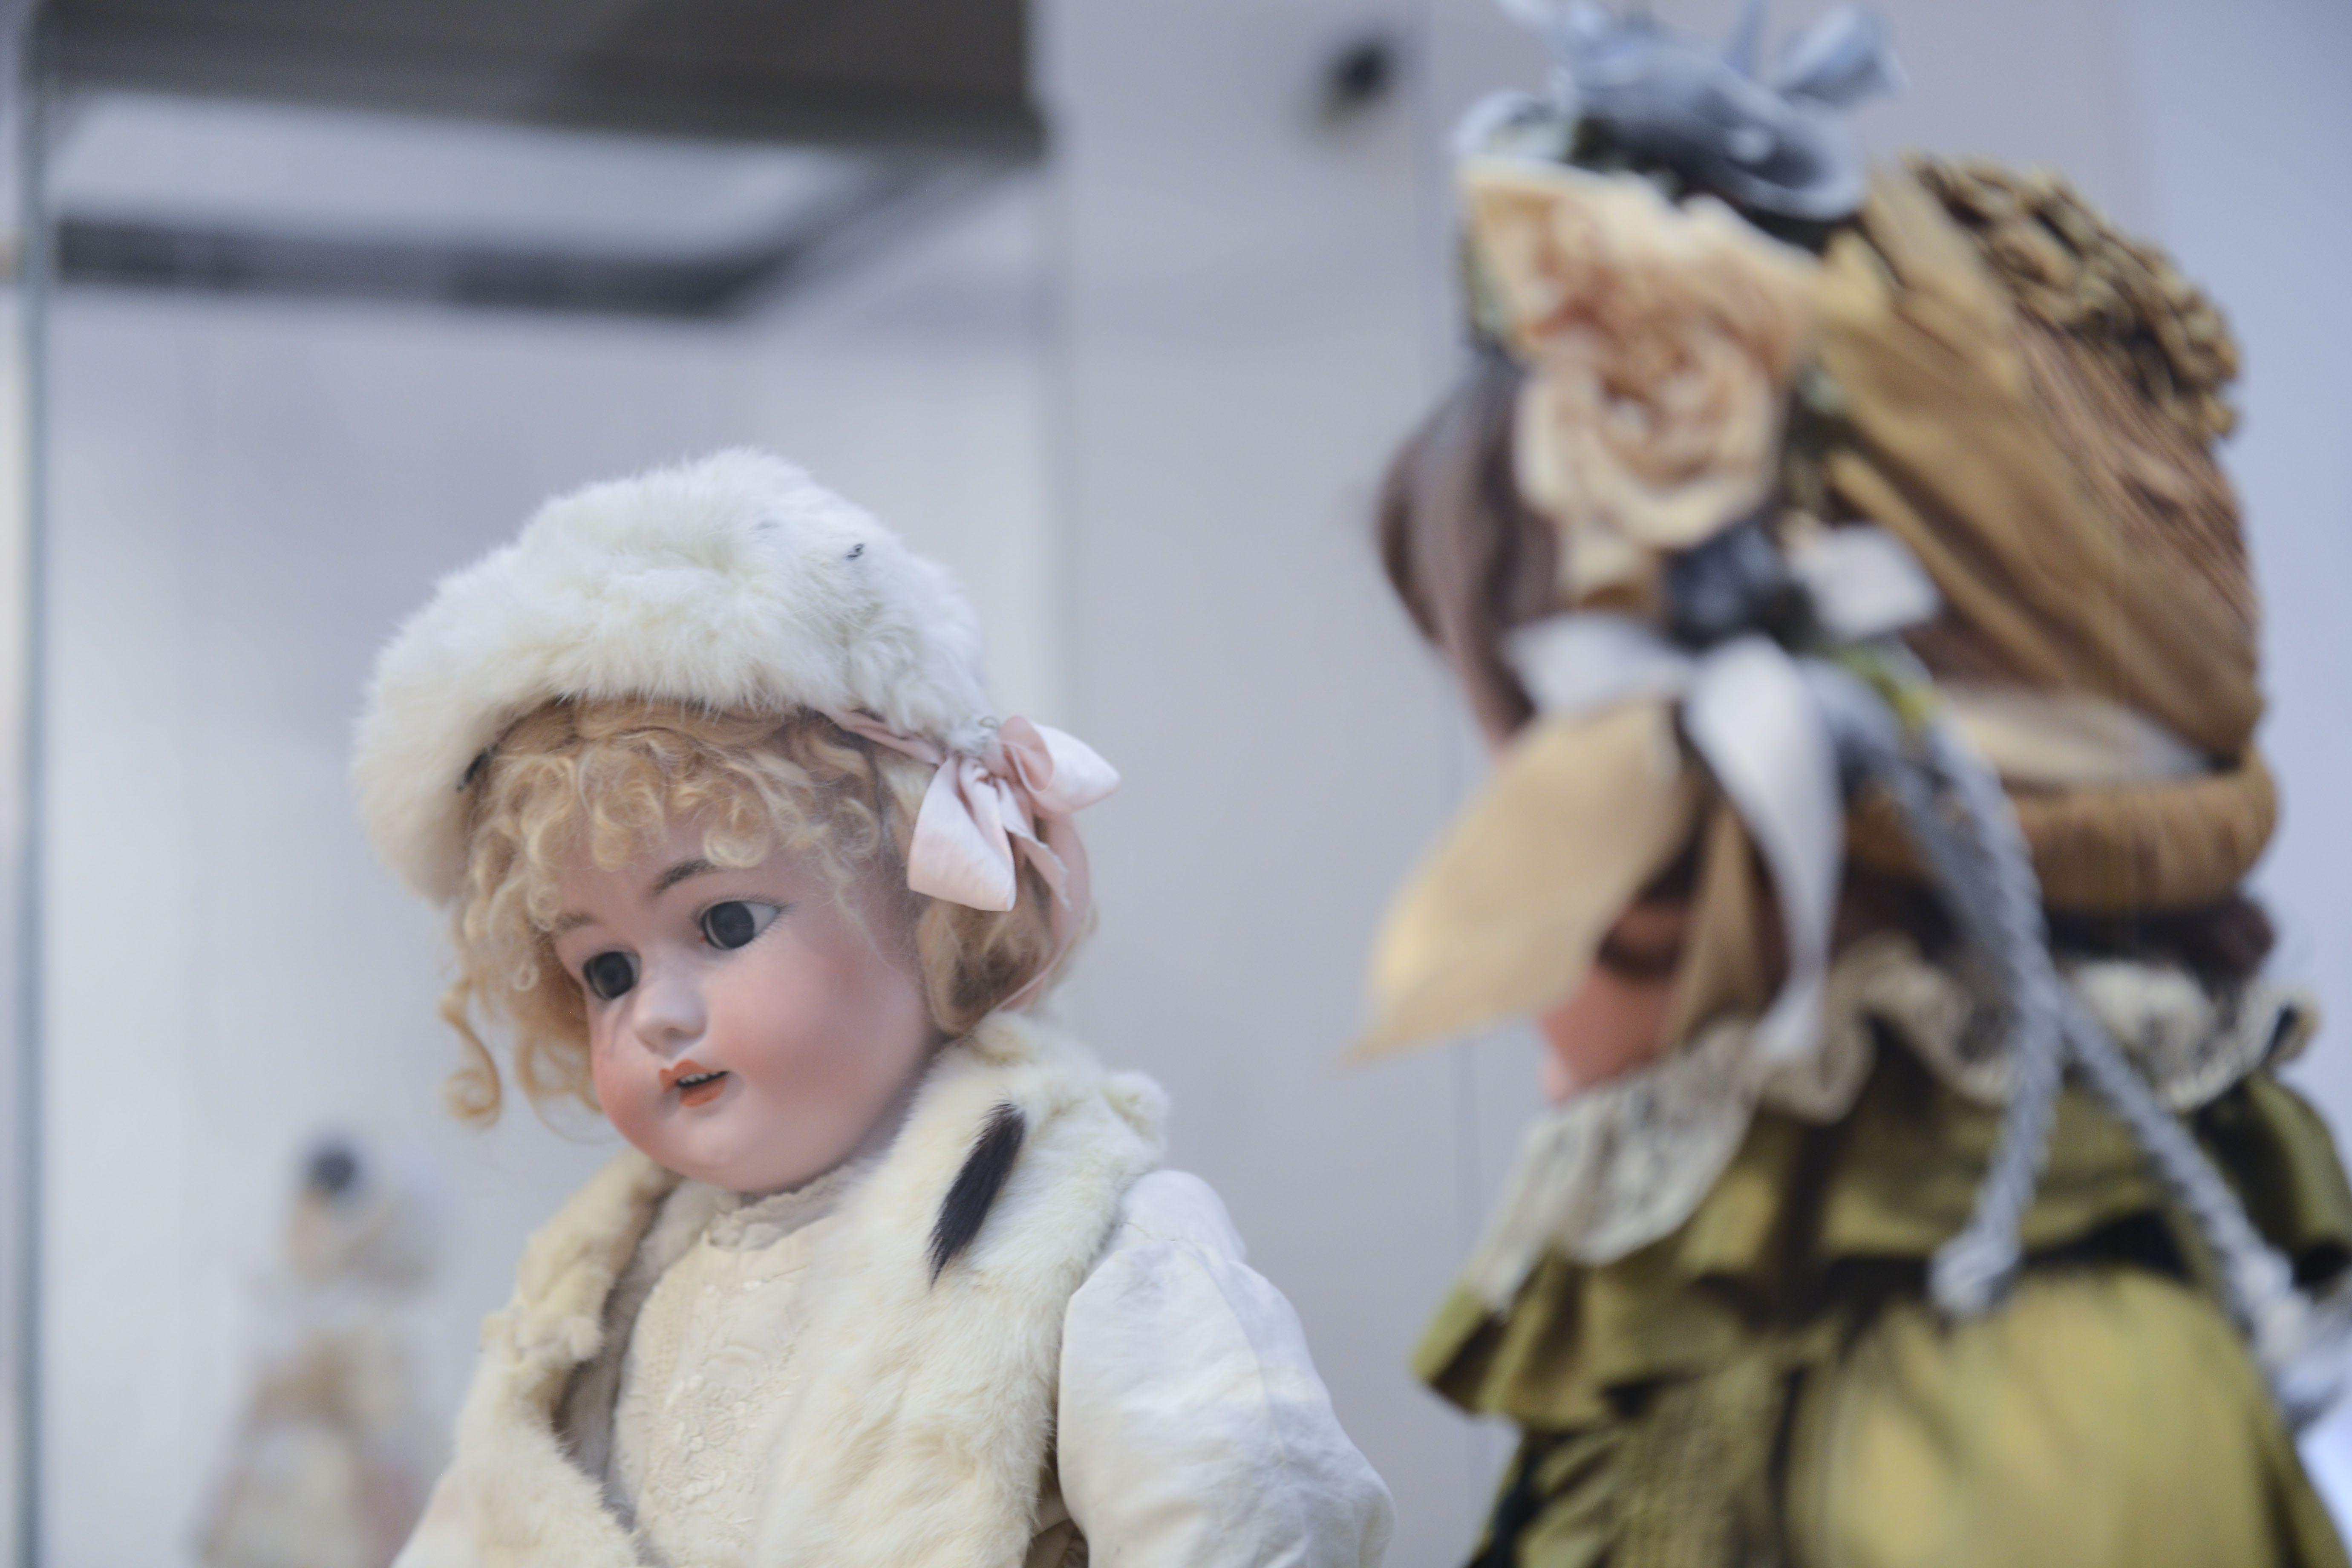 Наряды для кукол изготовили мальчики и девочки из Краснопахорского. Фото: архив, «Вечерняя Москва»